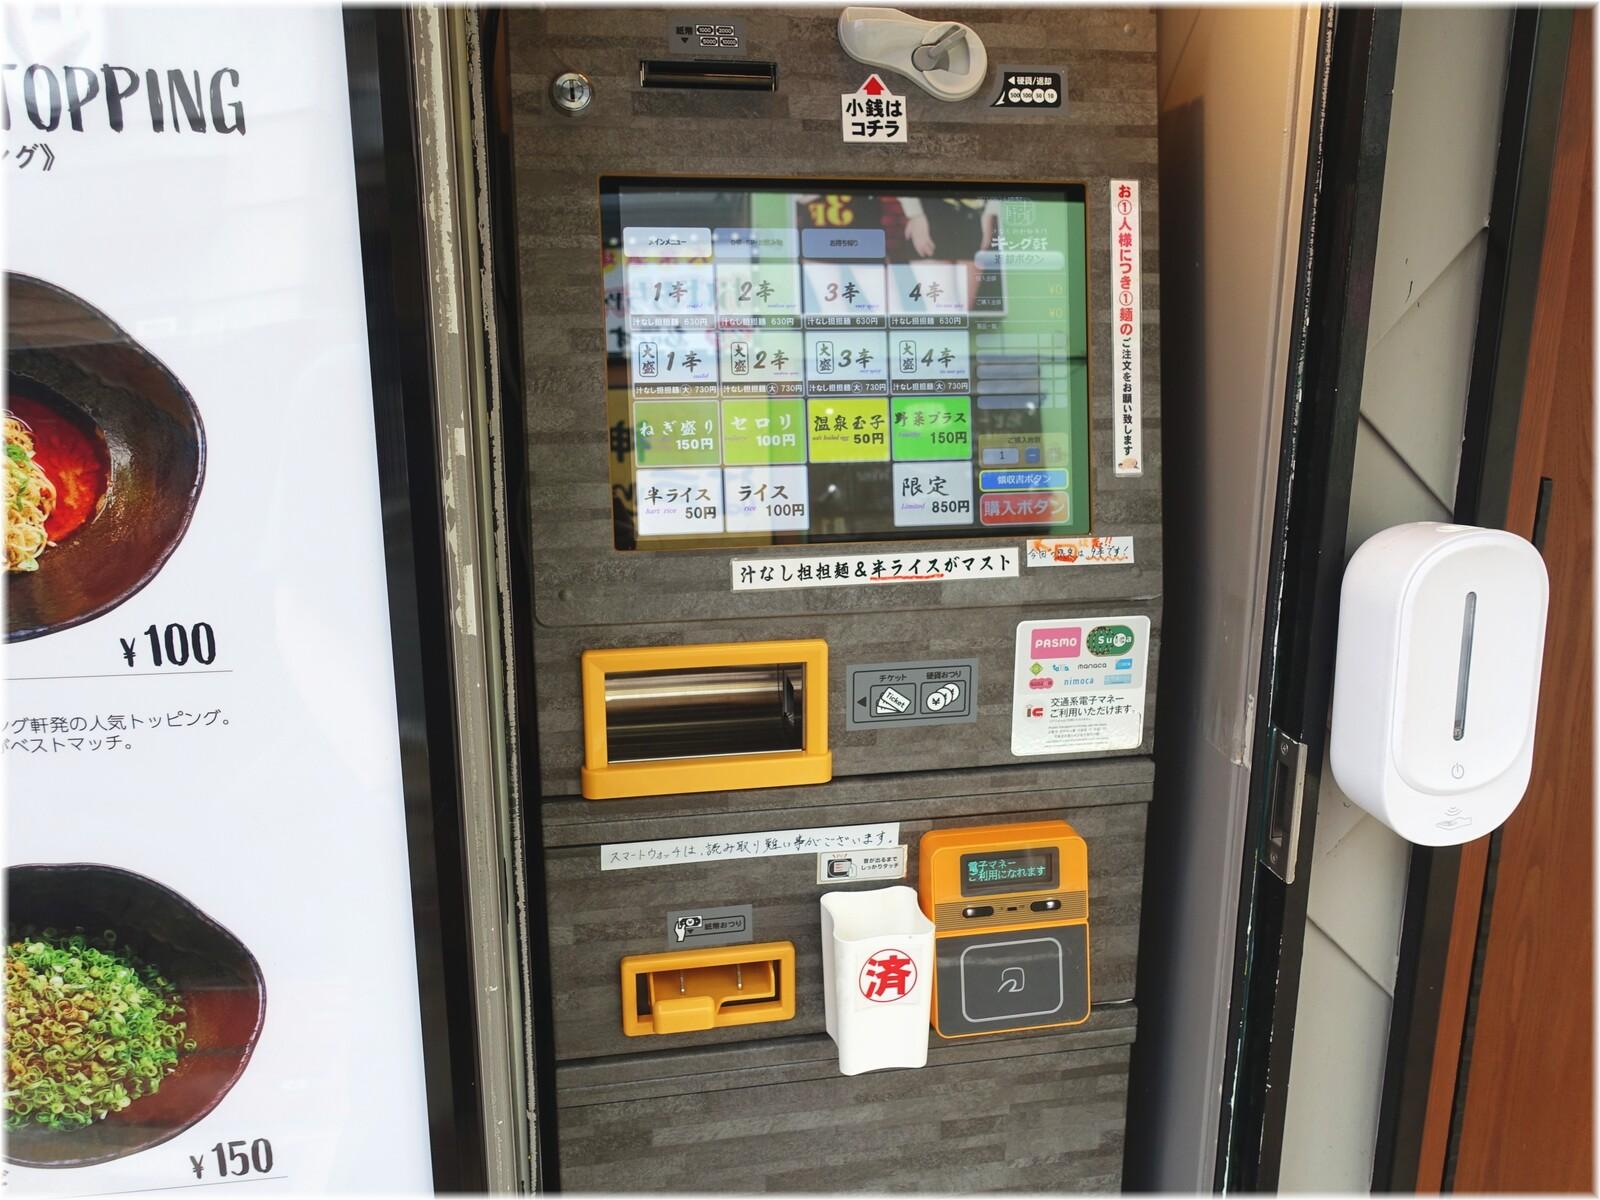 キング軒神田スタンド Suica対応食券機